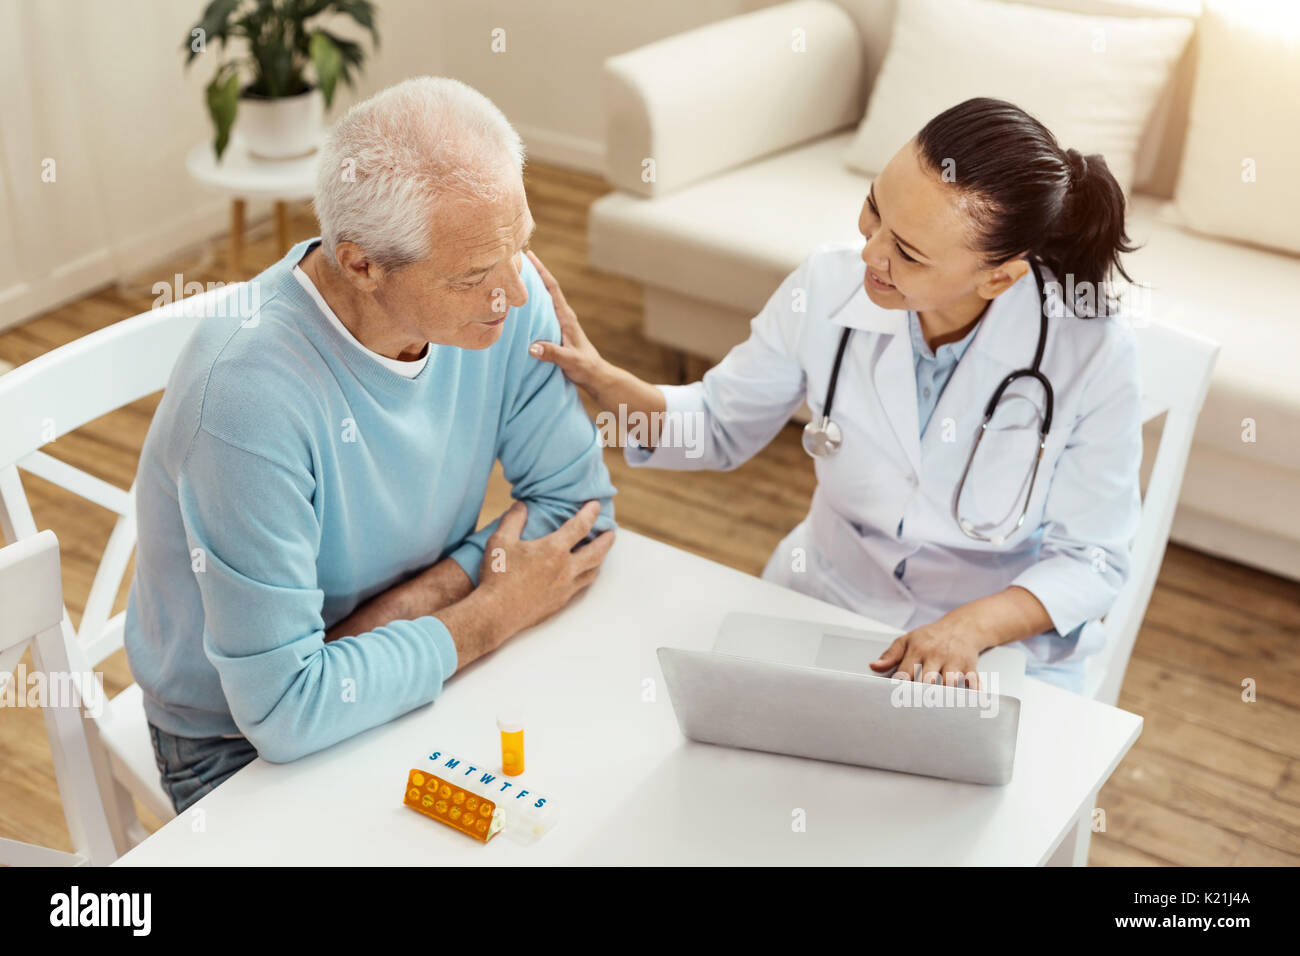 Gut gelaunt freundlich Arzt beruhigend ihre Patienten Stockbild